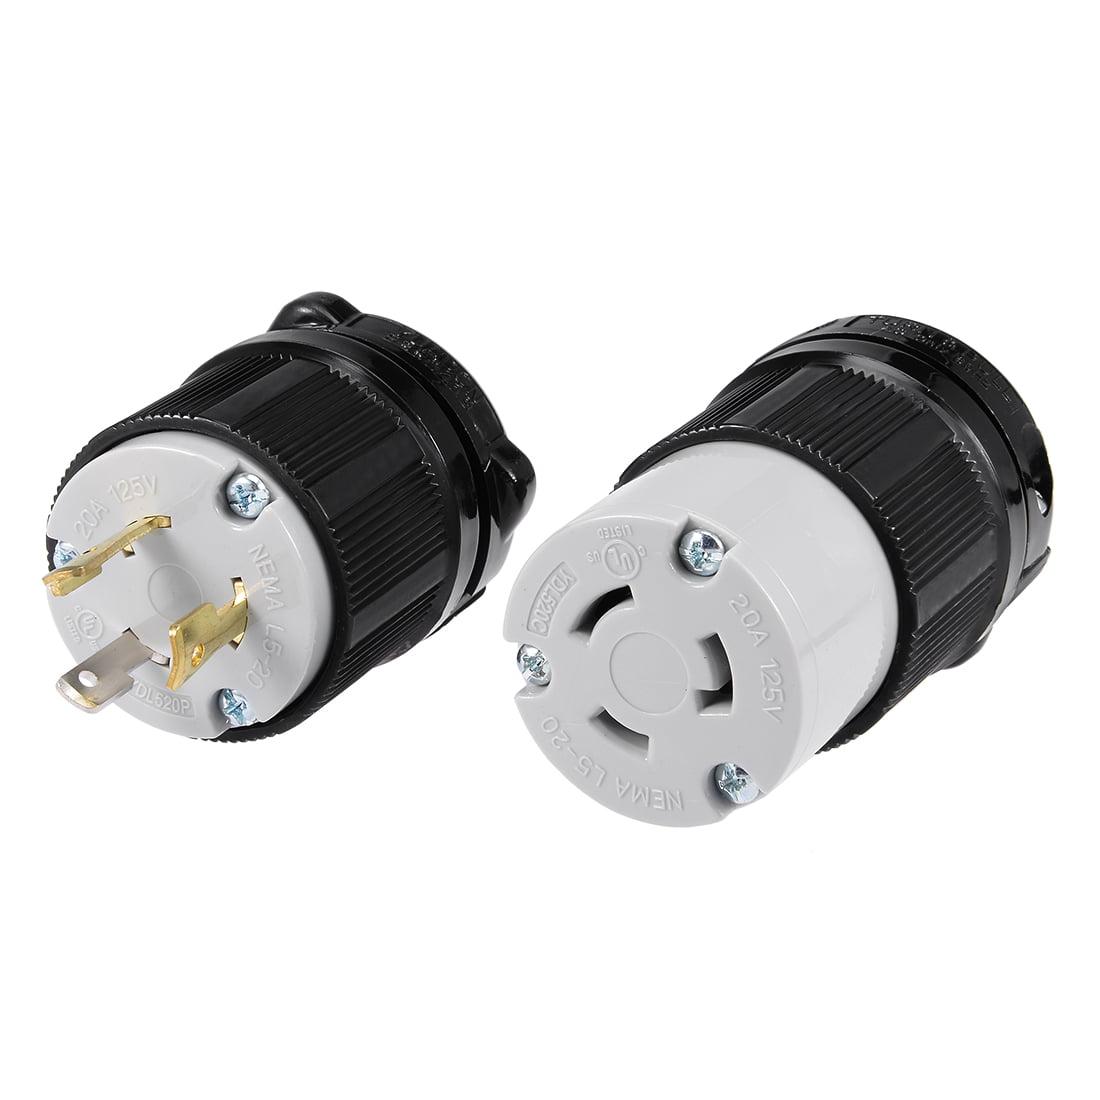 Unique Bargains L5 20 Generator Plug Connector Set 20a 125v 2p 3w Us Wiring Yuadon Authorized